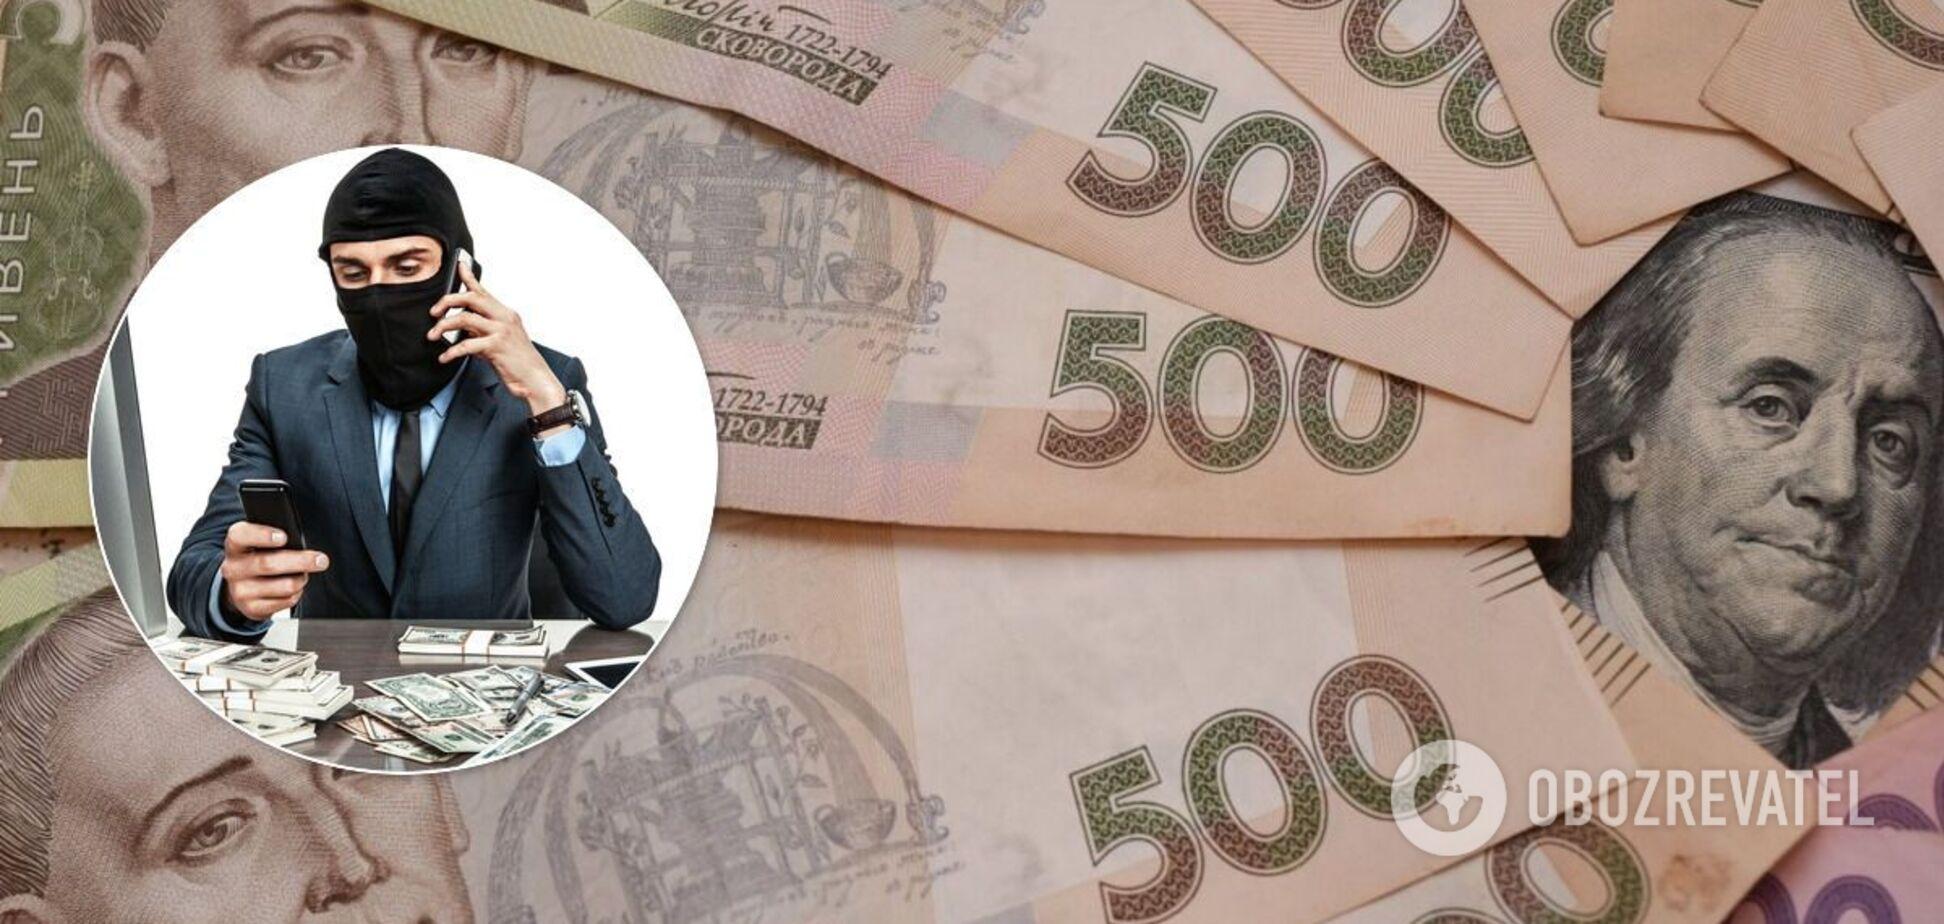 Мошенники используют фальшивые чеки: раскрыта схема обмана